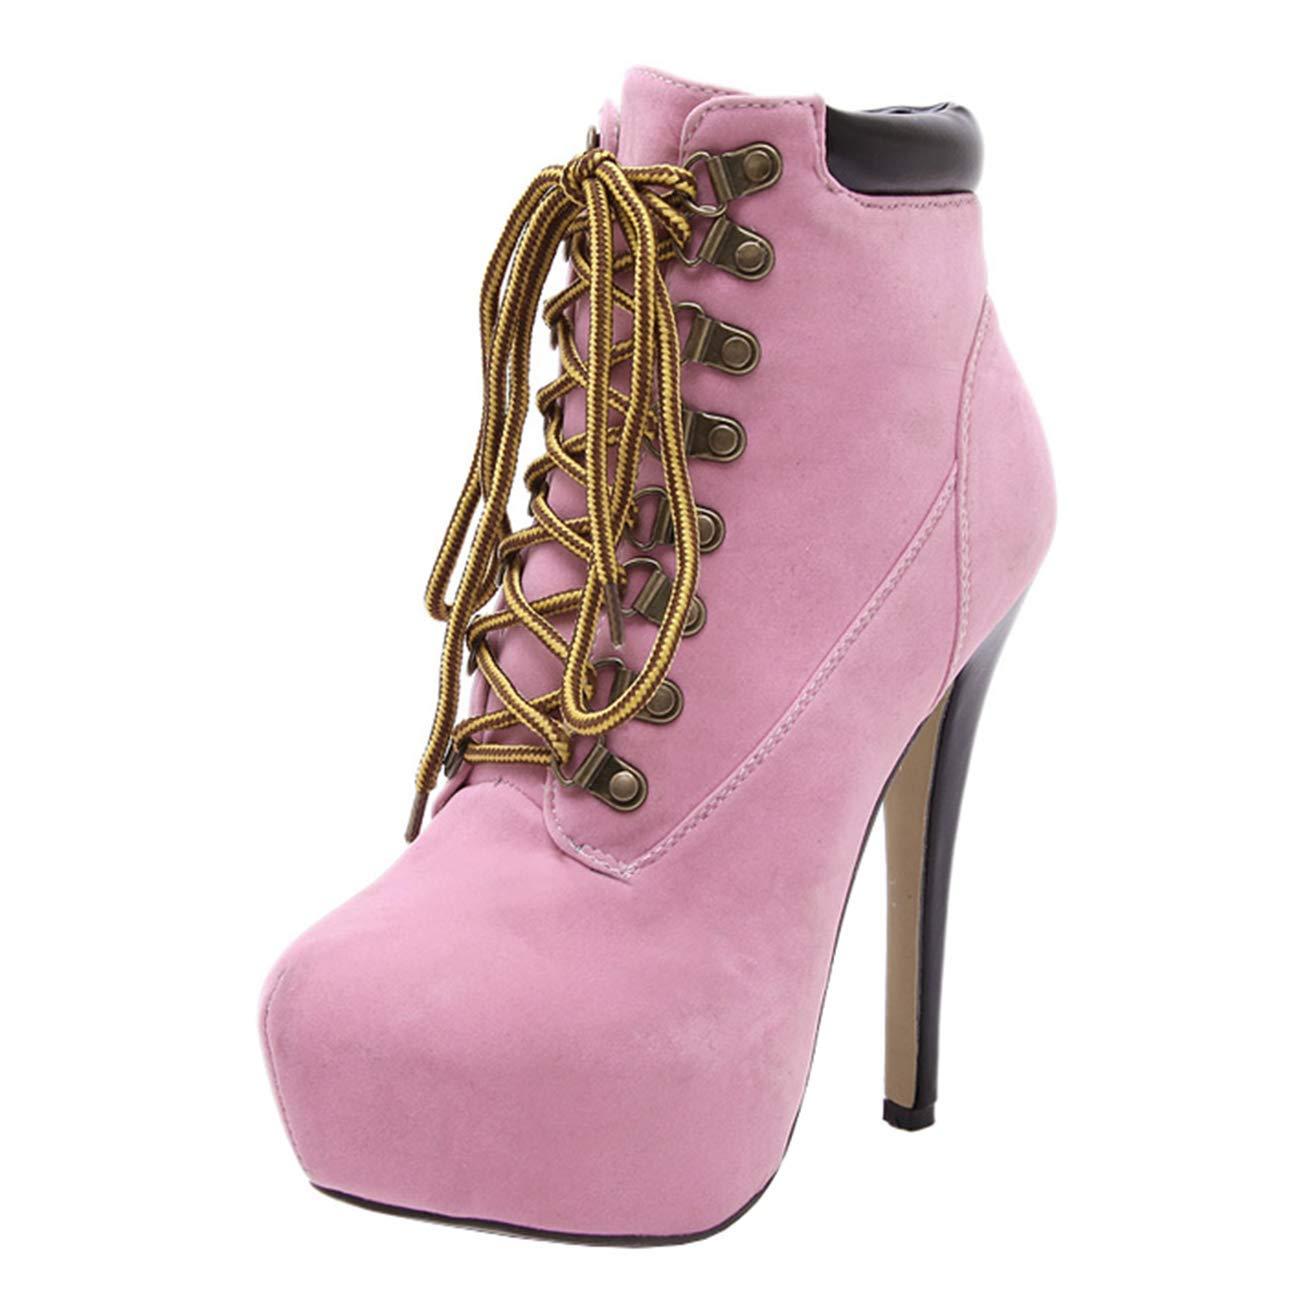 Qiusa Damen Damen Damen Runde-Toe-Plattform Stiletto Zip Schnür Stiefeletten (Farbe   Rosa Größe   7 UK) 7a2054